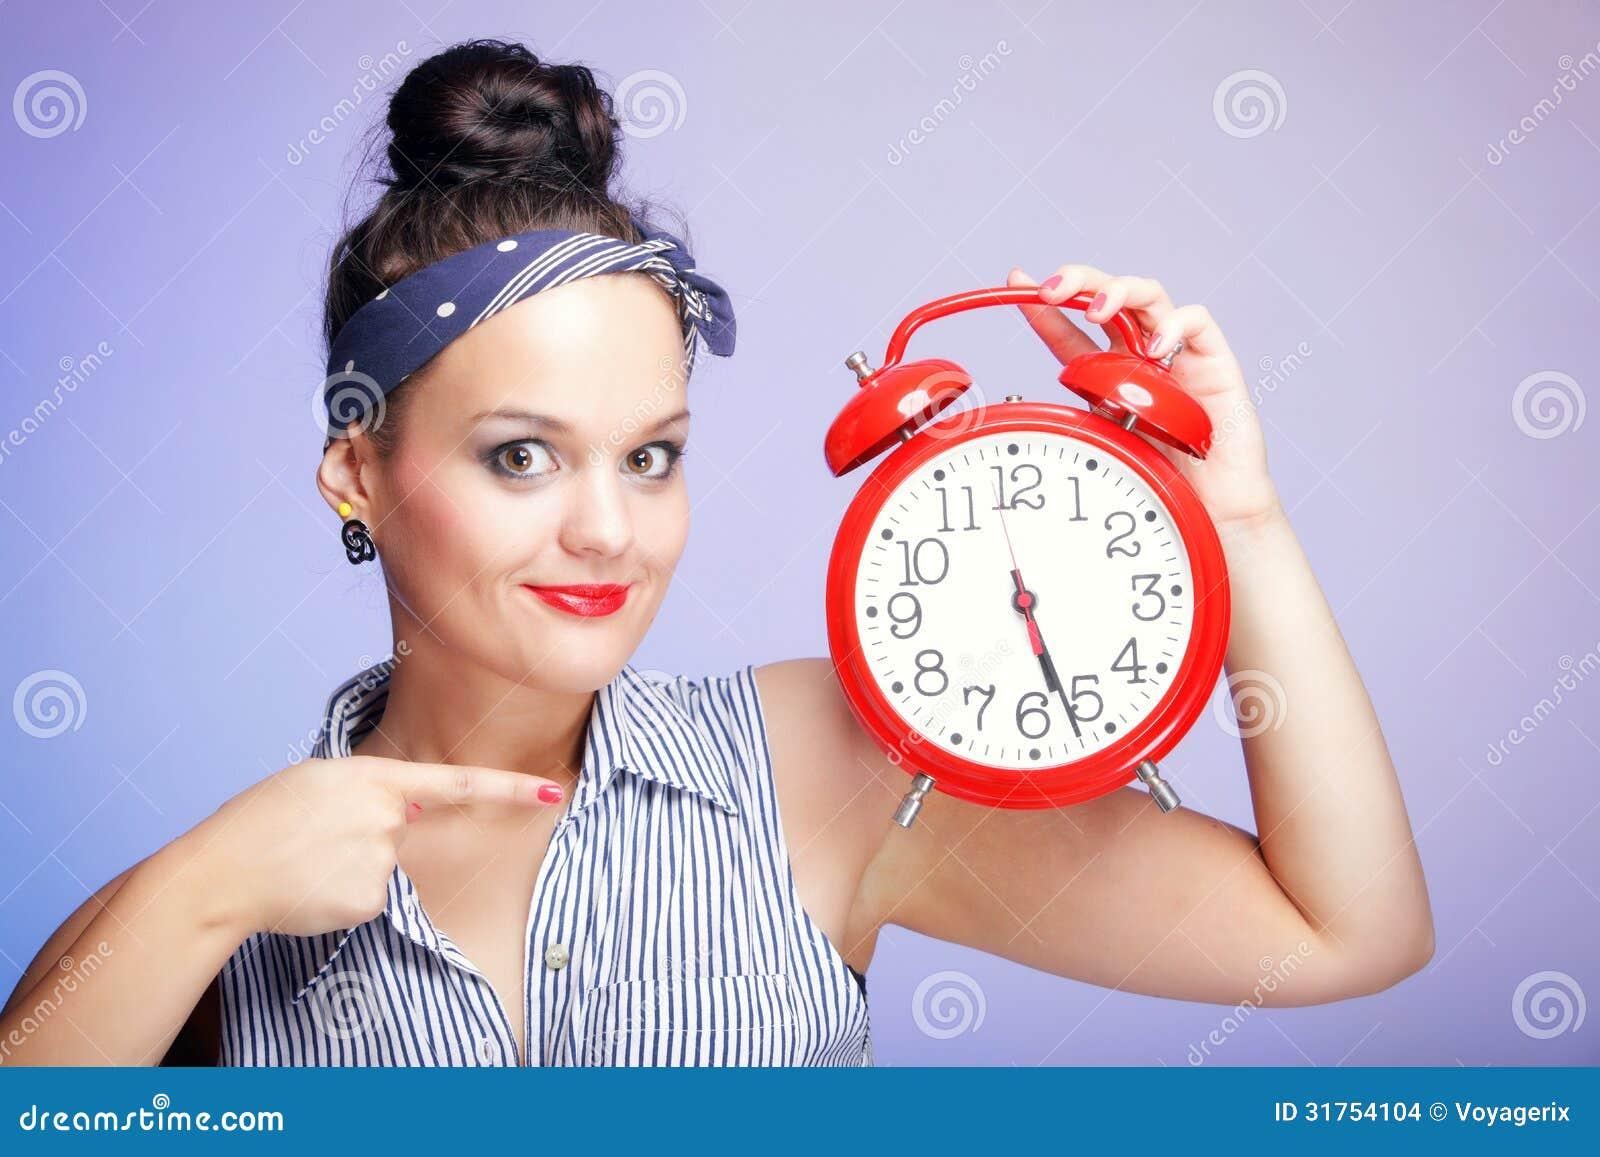 Γυναίκα με το κόκκινο ρολόι. Έννοια χρονικής διαχείρισης.